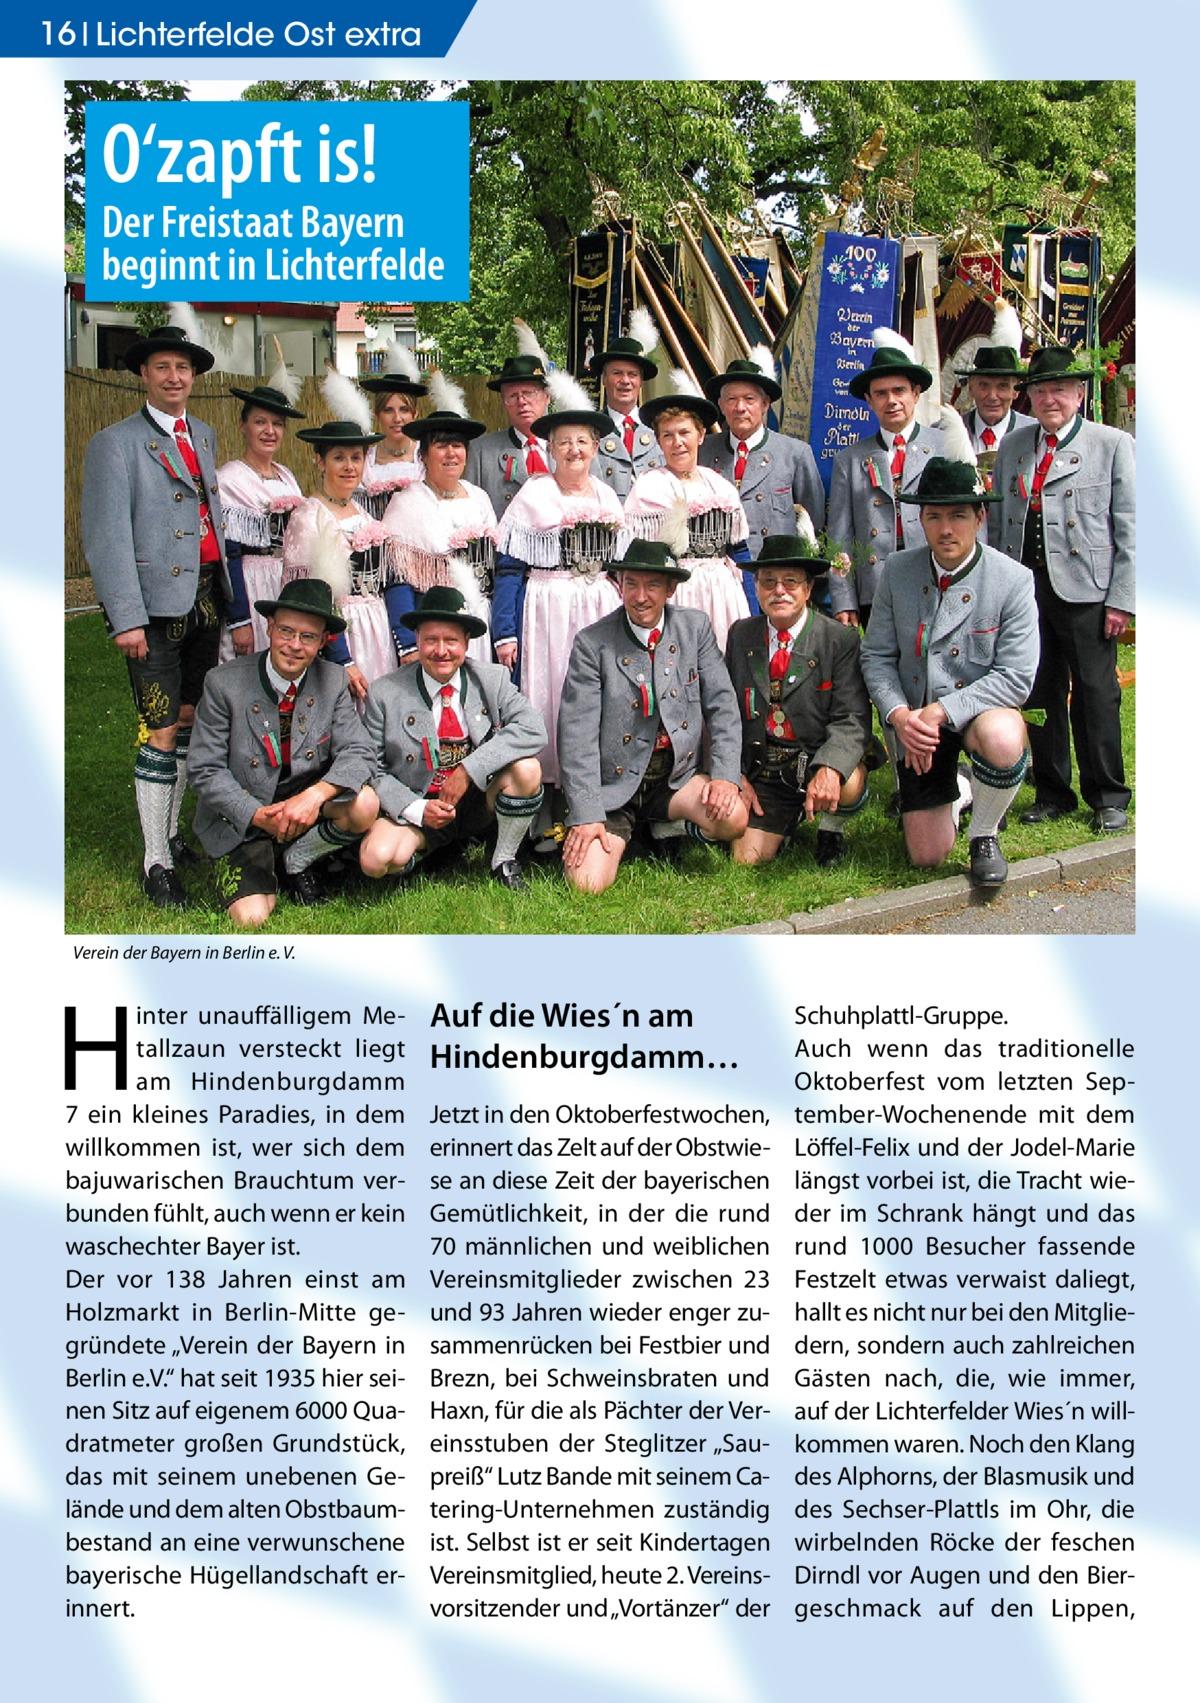 """16 Lichterfelde Ost extra  O'zapft is!  Der Freistaat Bayern beginnt in Lichterfelde  Verein der Bayern in Berlin e. V.  H  inter unauffälligem Metallzaun versteckt liegt am Hindenburgdamm 7 ein kleines Paradies, in dem willkommen ist, wer sich dem bajuwarischen Brauchtum verbunden fühlt, auch wenn er kein waschechter Bayer ist. Der vor 138 Jahren einst am Holzmarkt in Berlin-Mitte gegründete """"Verein der Bayern in Berlin e.V."""" hat seit 1935 hier seinen Sitz auf eigenem 6000 Quadratmeter großen Grundstück, das mit seinem unebenen Gelände und dem alten Obstbaumbestand an eine verwunschene bayerische Hügellandschaft erinnert.  Auf die Wies´n am Hindenburgdamm… Jetzt in den Oktoberfestwochen, erinnert das Zelt auf der Obstwiese an diese Zeit der bayerischen Gemütlichkeit, in der die rund 70 männlichen und weiblichen Vereinsmitglieder zwischen 23 und 93 Jahren wieder enger zusammenrücken bei Festbier und Brezn, bei Schweinsbraten und Haxn, für die als Pächter der Vereinsstuben der Steglitzer """"Saupreiß"""" Lutz Bande mit seinem Catering-Unternehmen zuständig ist. Selbst ist er seit Kindertagen Vereinsmitglied, heute 2. Vereinsvorsitzender und """"Vortänzer"""" der  Schuhplattl-Gruppe. Auch wenn das traditionelle Oktoberfest vom letzten September-Wochenende mit dem Löffel-Felix und der Jodel-Marie längst vorbei ist, die Tracht wieder im Schrank hängt und das rund 1000 Besucher fassende Festzelt etwas verwaist daliegt, hallt es nicht nur bei den Mitgliedern, sondern auch zahlreichen Gästen nach, die, wie immer, auf der Lichterfelder Wies´n willkommen waren. Noch den Klang des Alphorns, der Blasmusik und des Sechser-Plattls im Ohr, die wirbelnden Röcke der feschen Dirndl vor Augen und den Biergeschmack auf den Lippen,"""